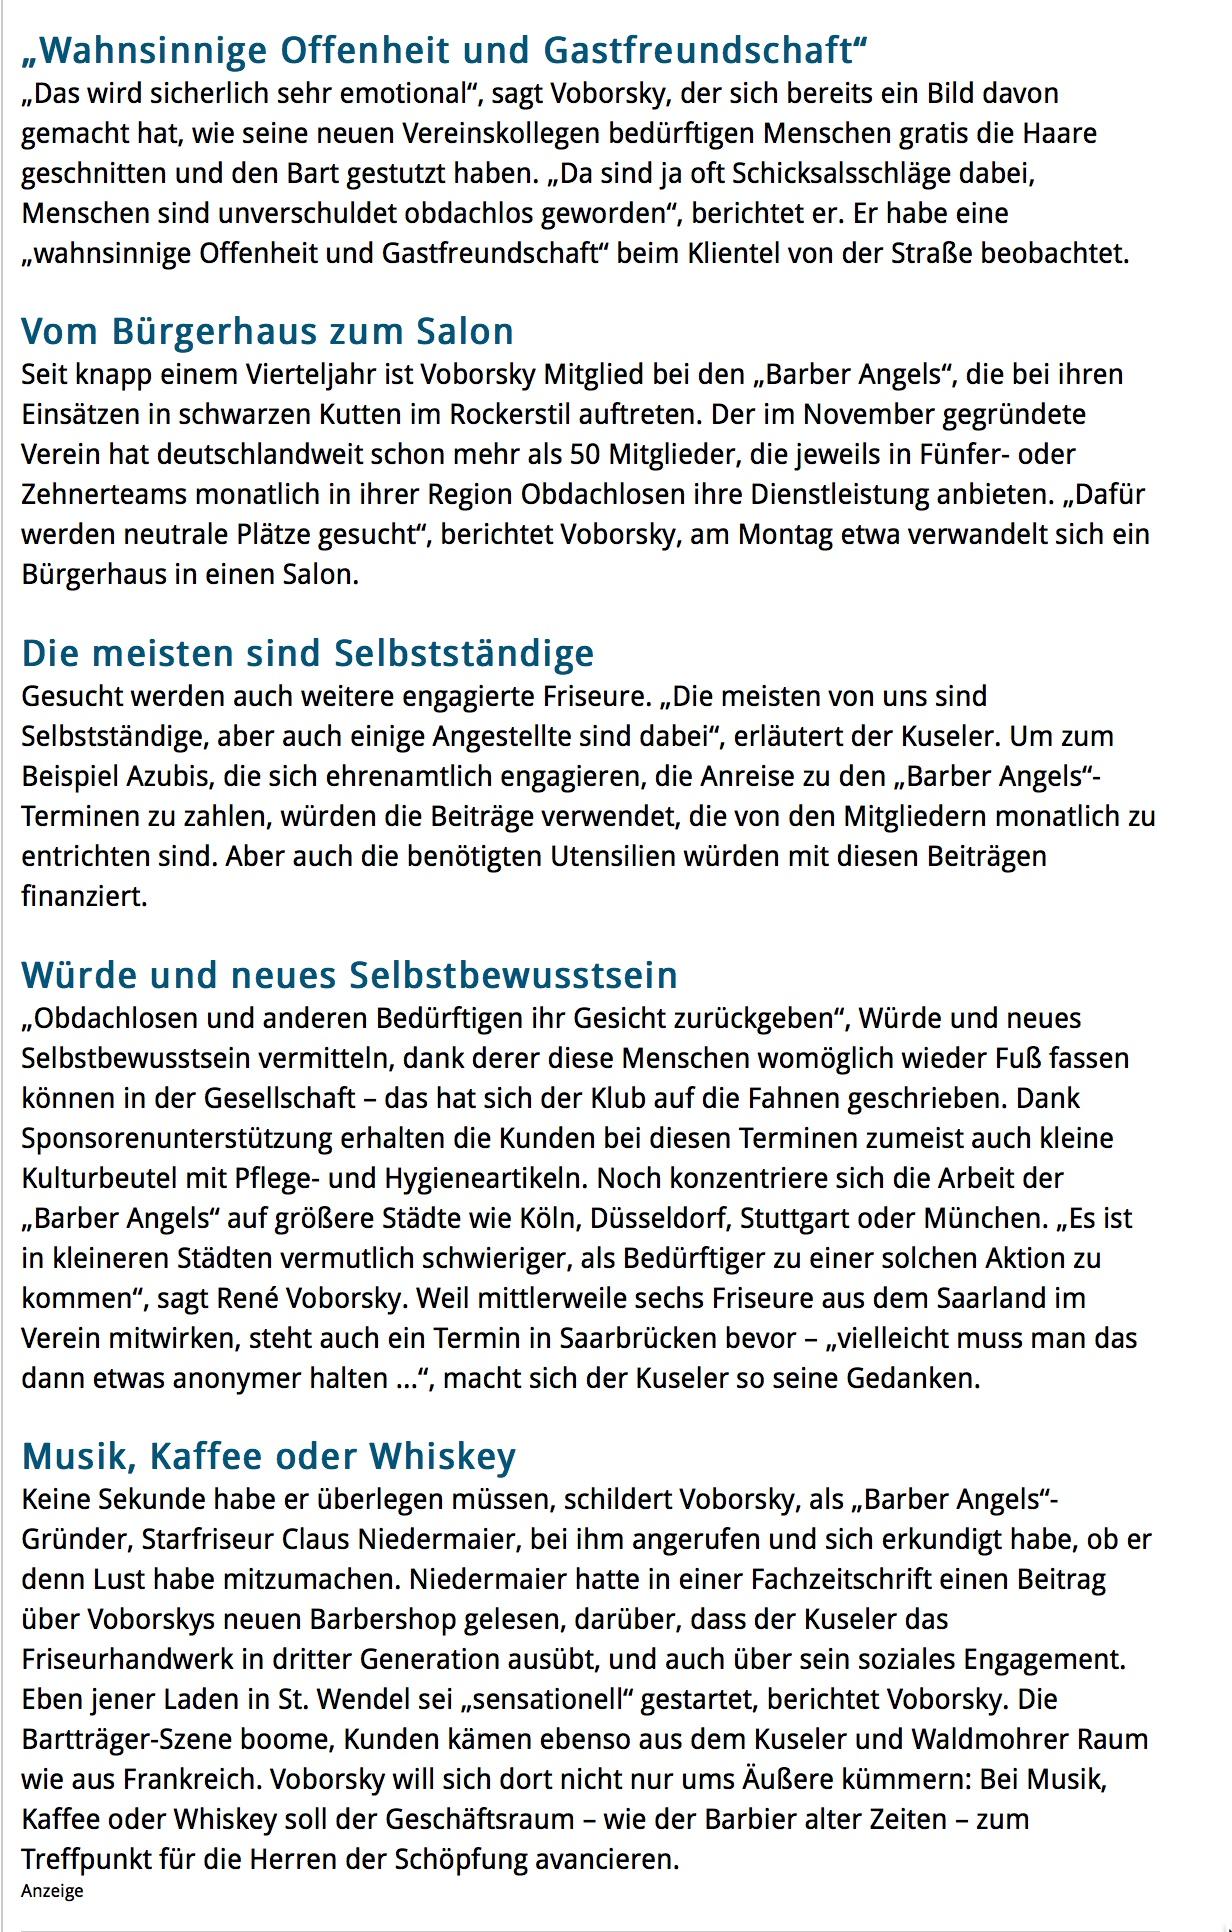 Gemütlich Wiederaufnahme Objektiver Gastfreundschaft Galerie ...